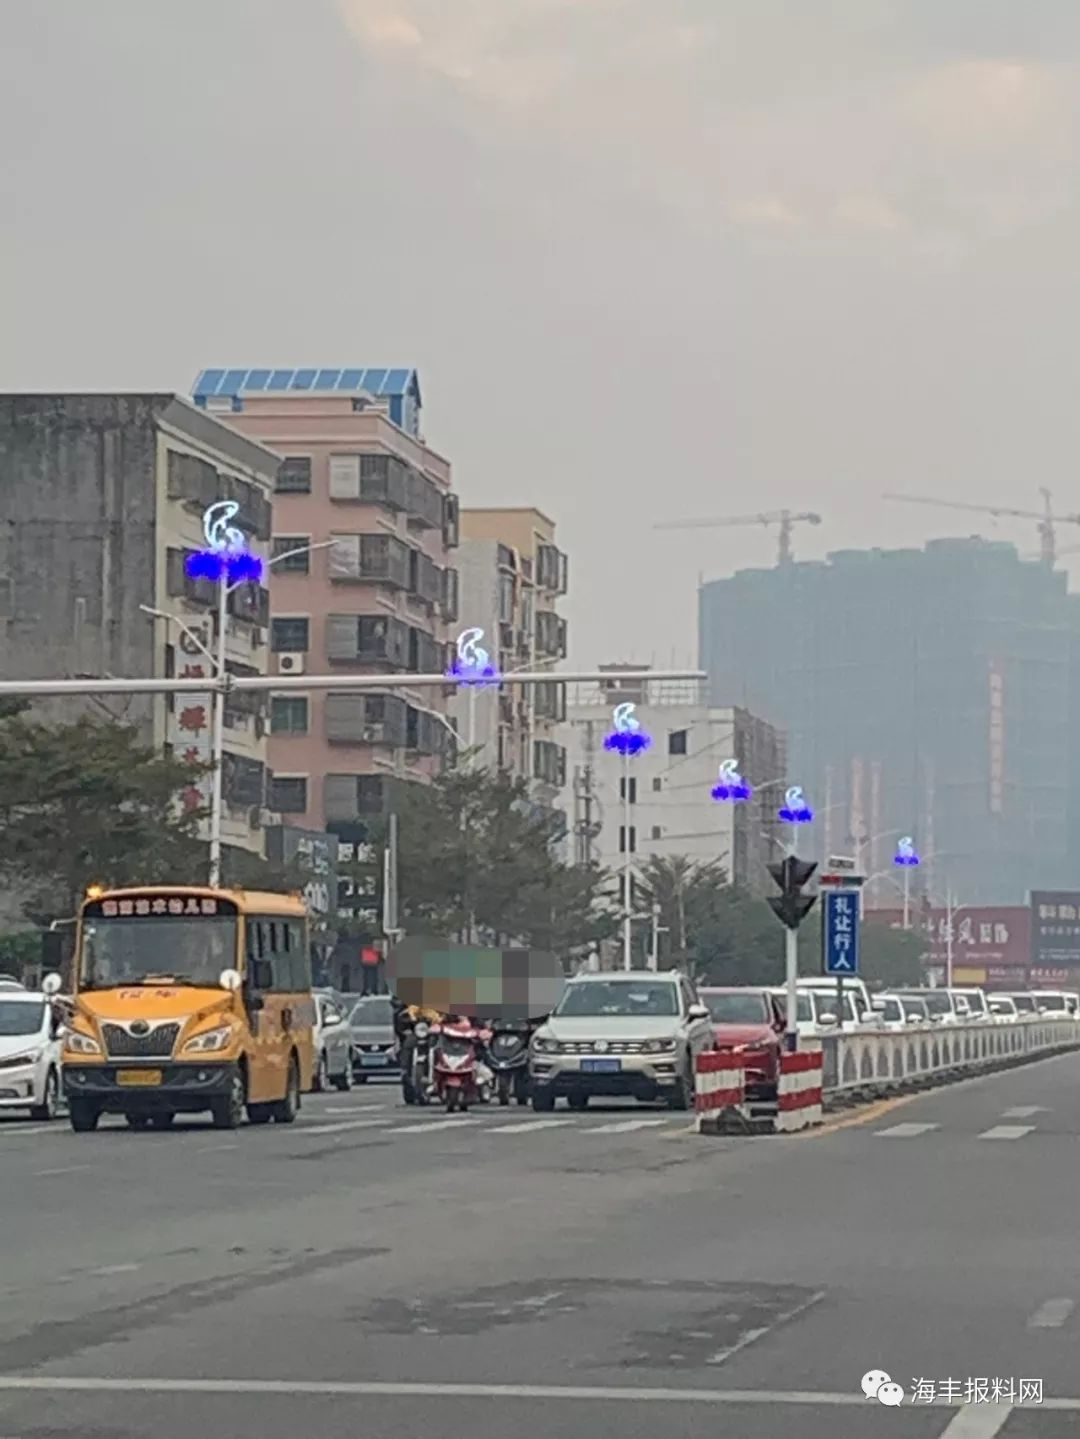 海丰县城二环路的路灯换新了 海丰新闻 第2张